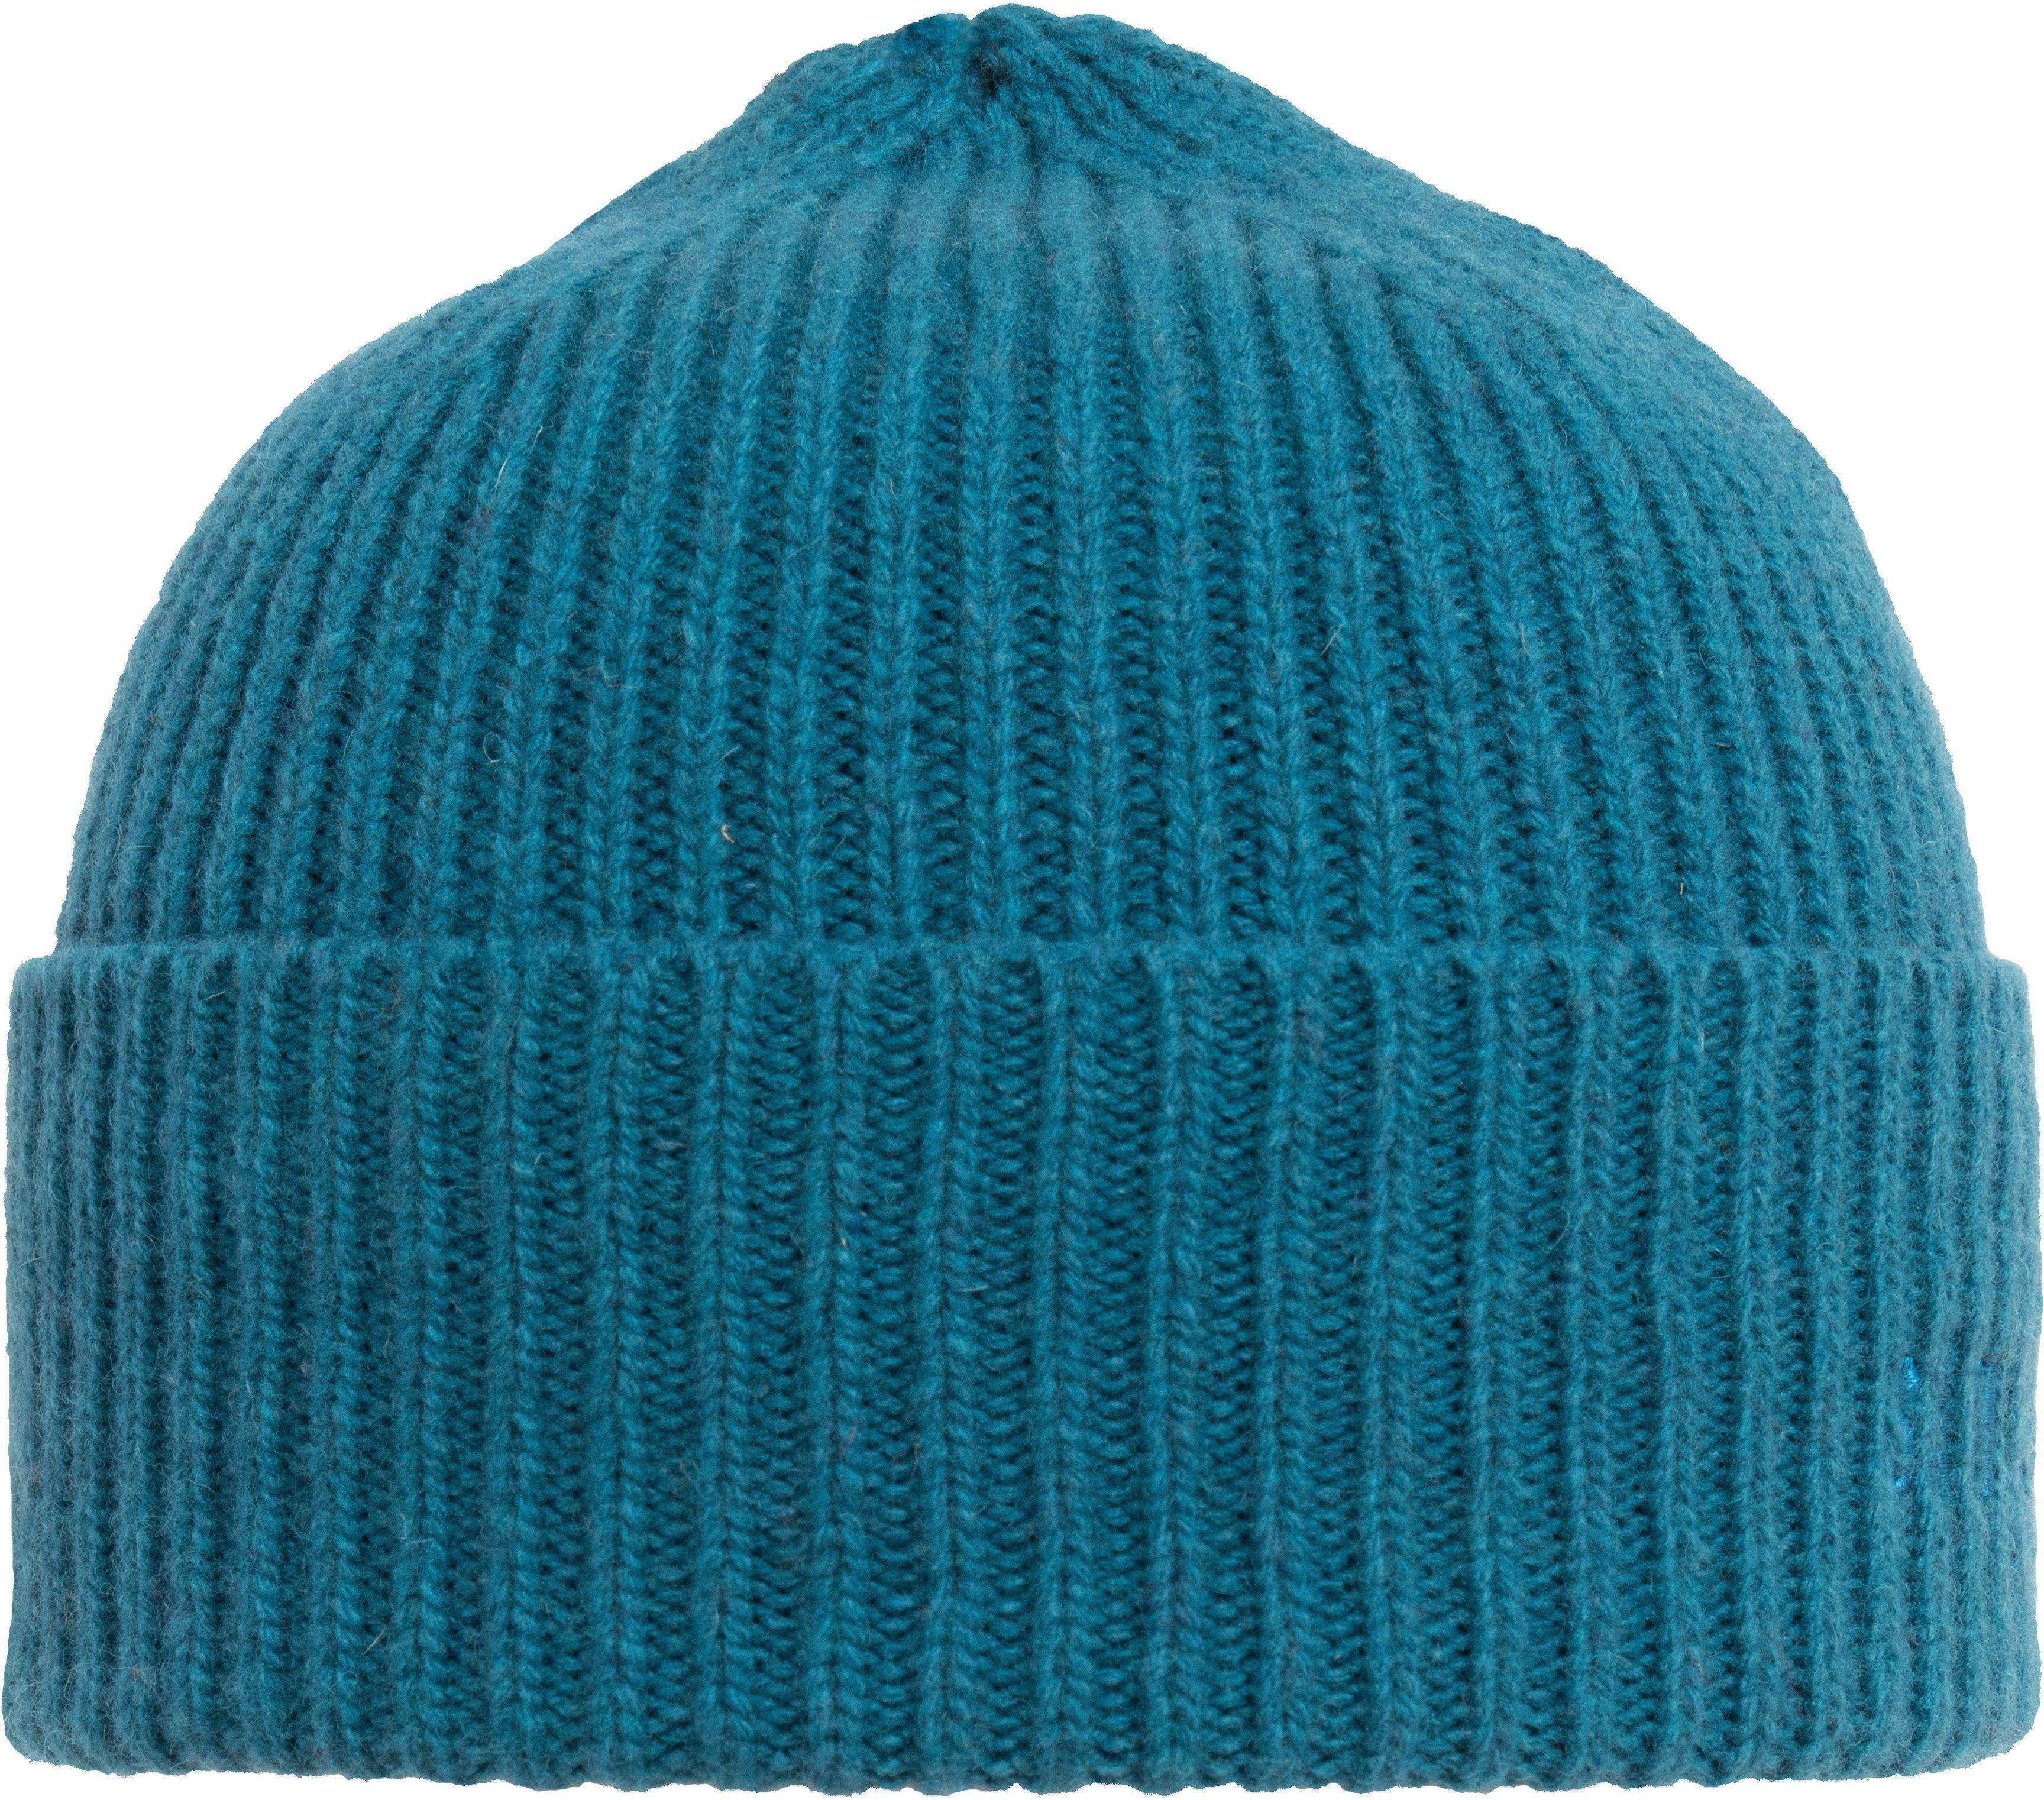 Sätila of Sweden Strickmütze mit dezentem Label   Accessoires > Mützen > Strickmützen   Blau   Polyamid   Sätila Of Sweden